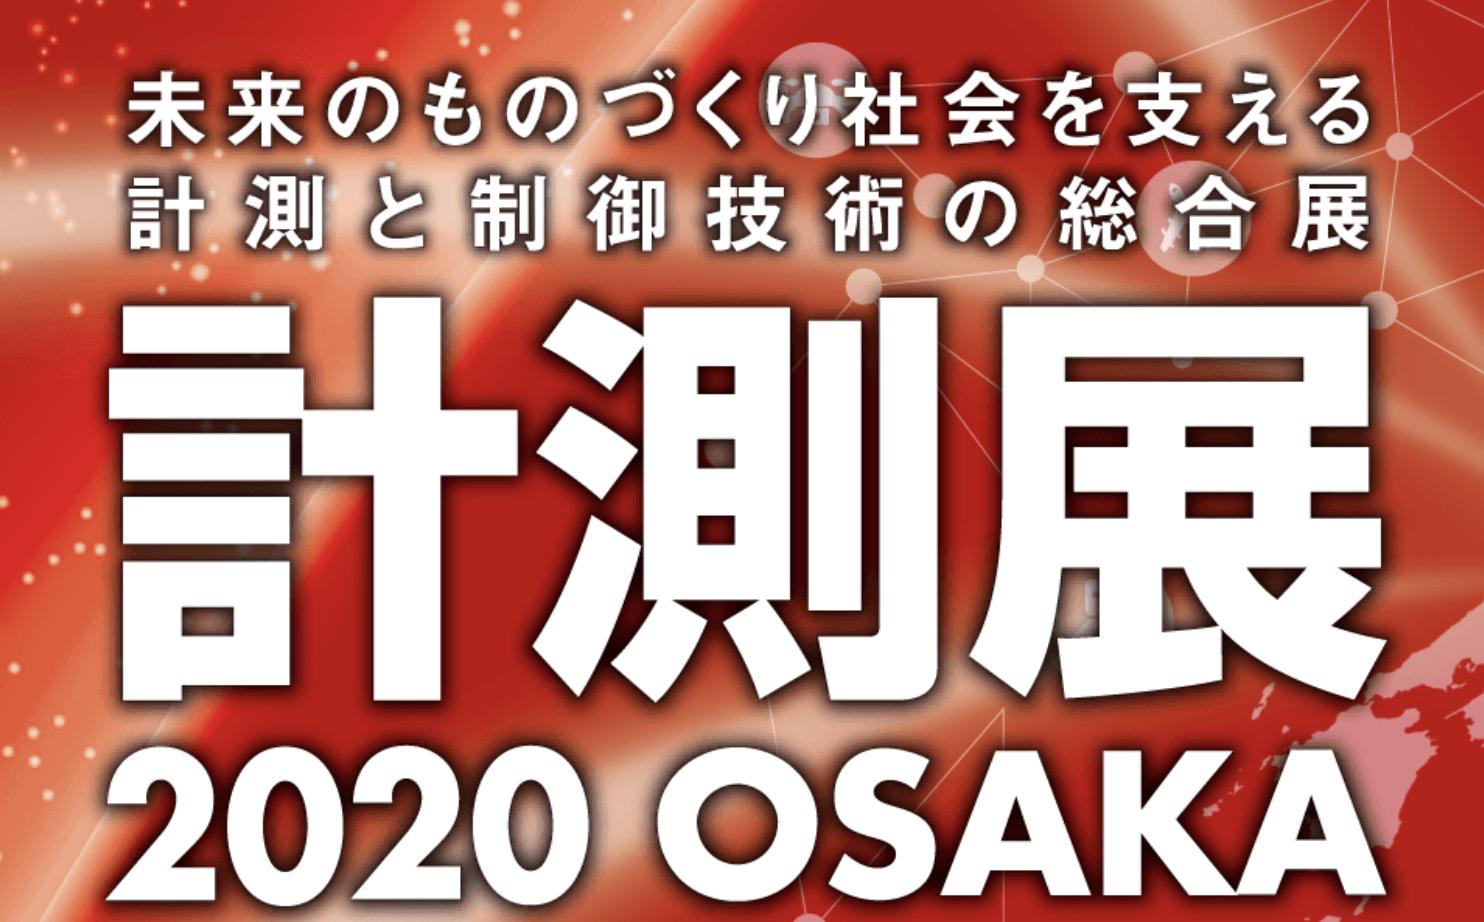 『計測展2020 OSAKA』 10月21日~23日 グランキューブ大阪にて開催の画像